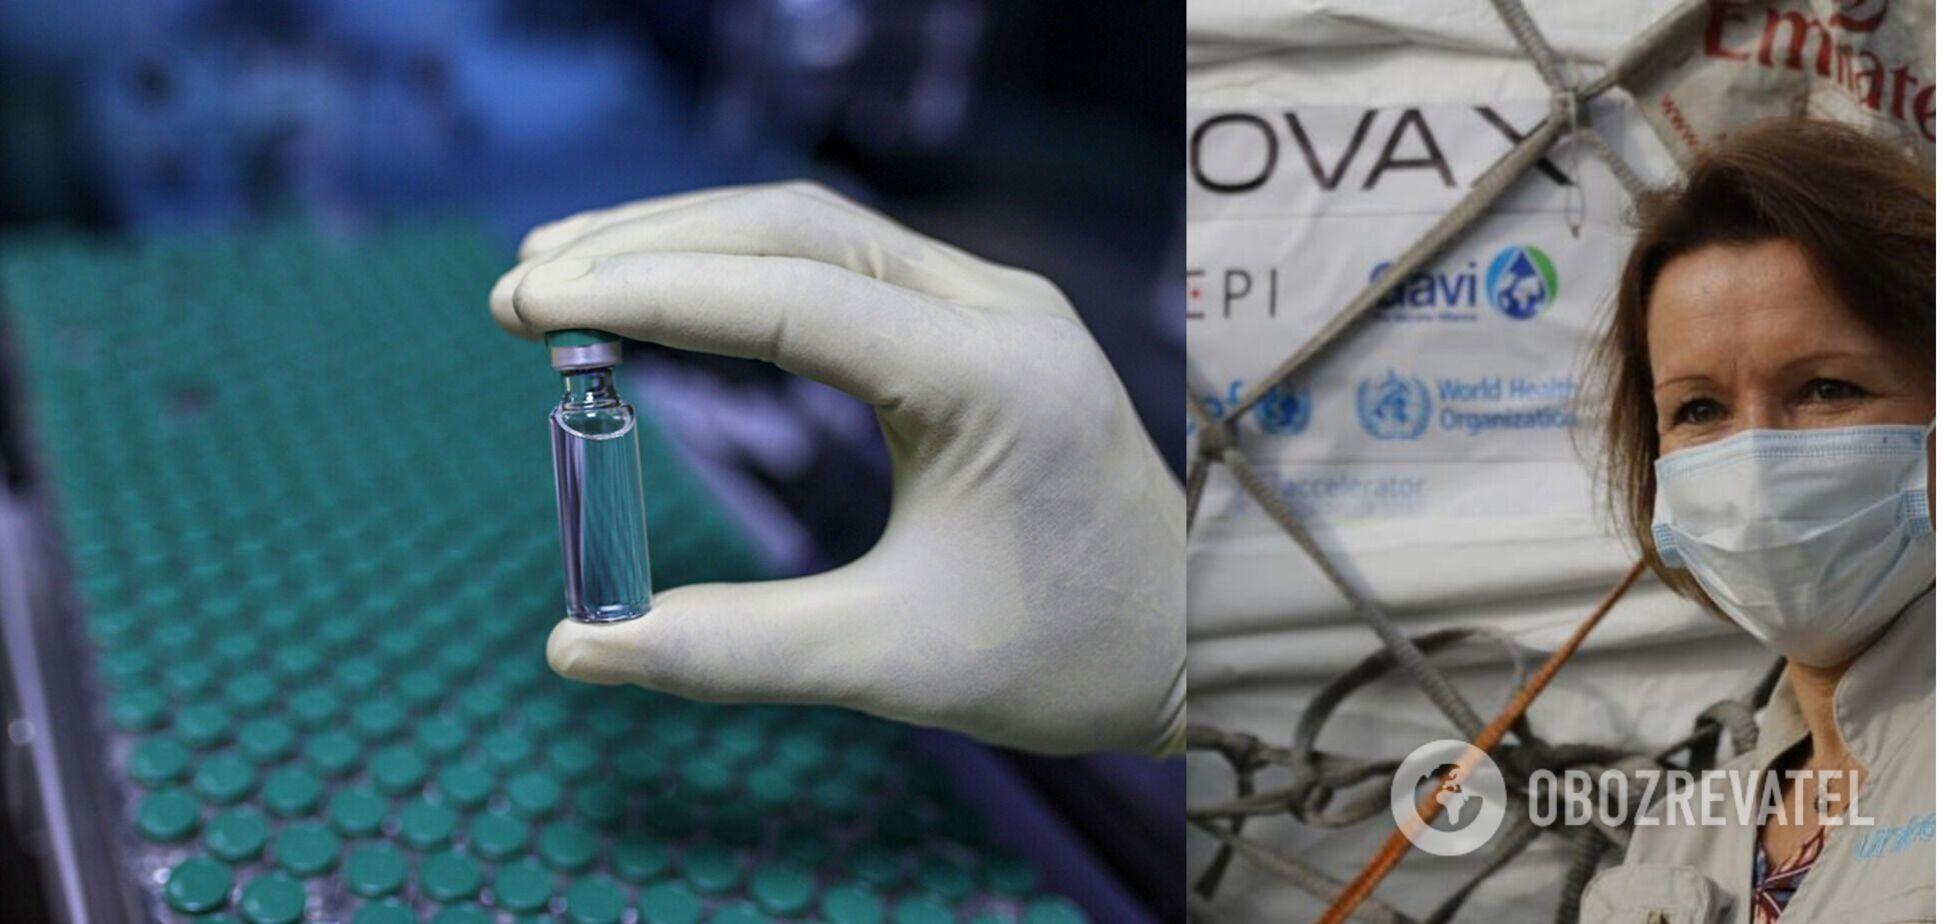 Первая страна уже получила вакцину по программе COVAX